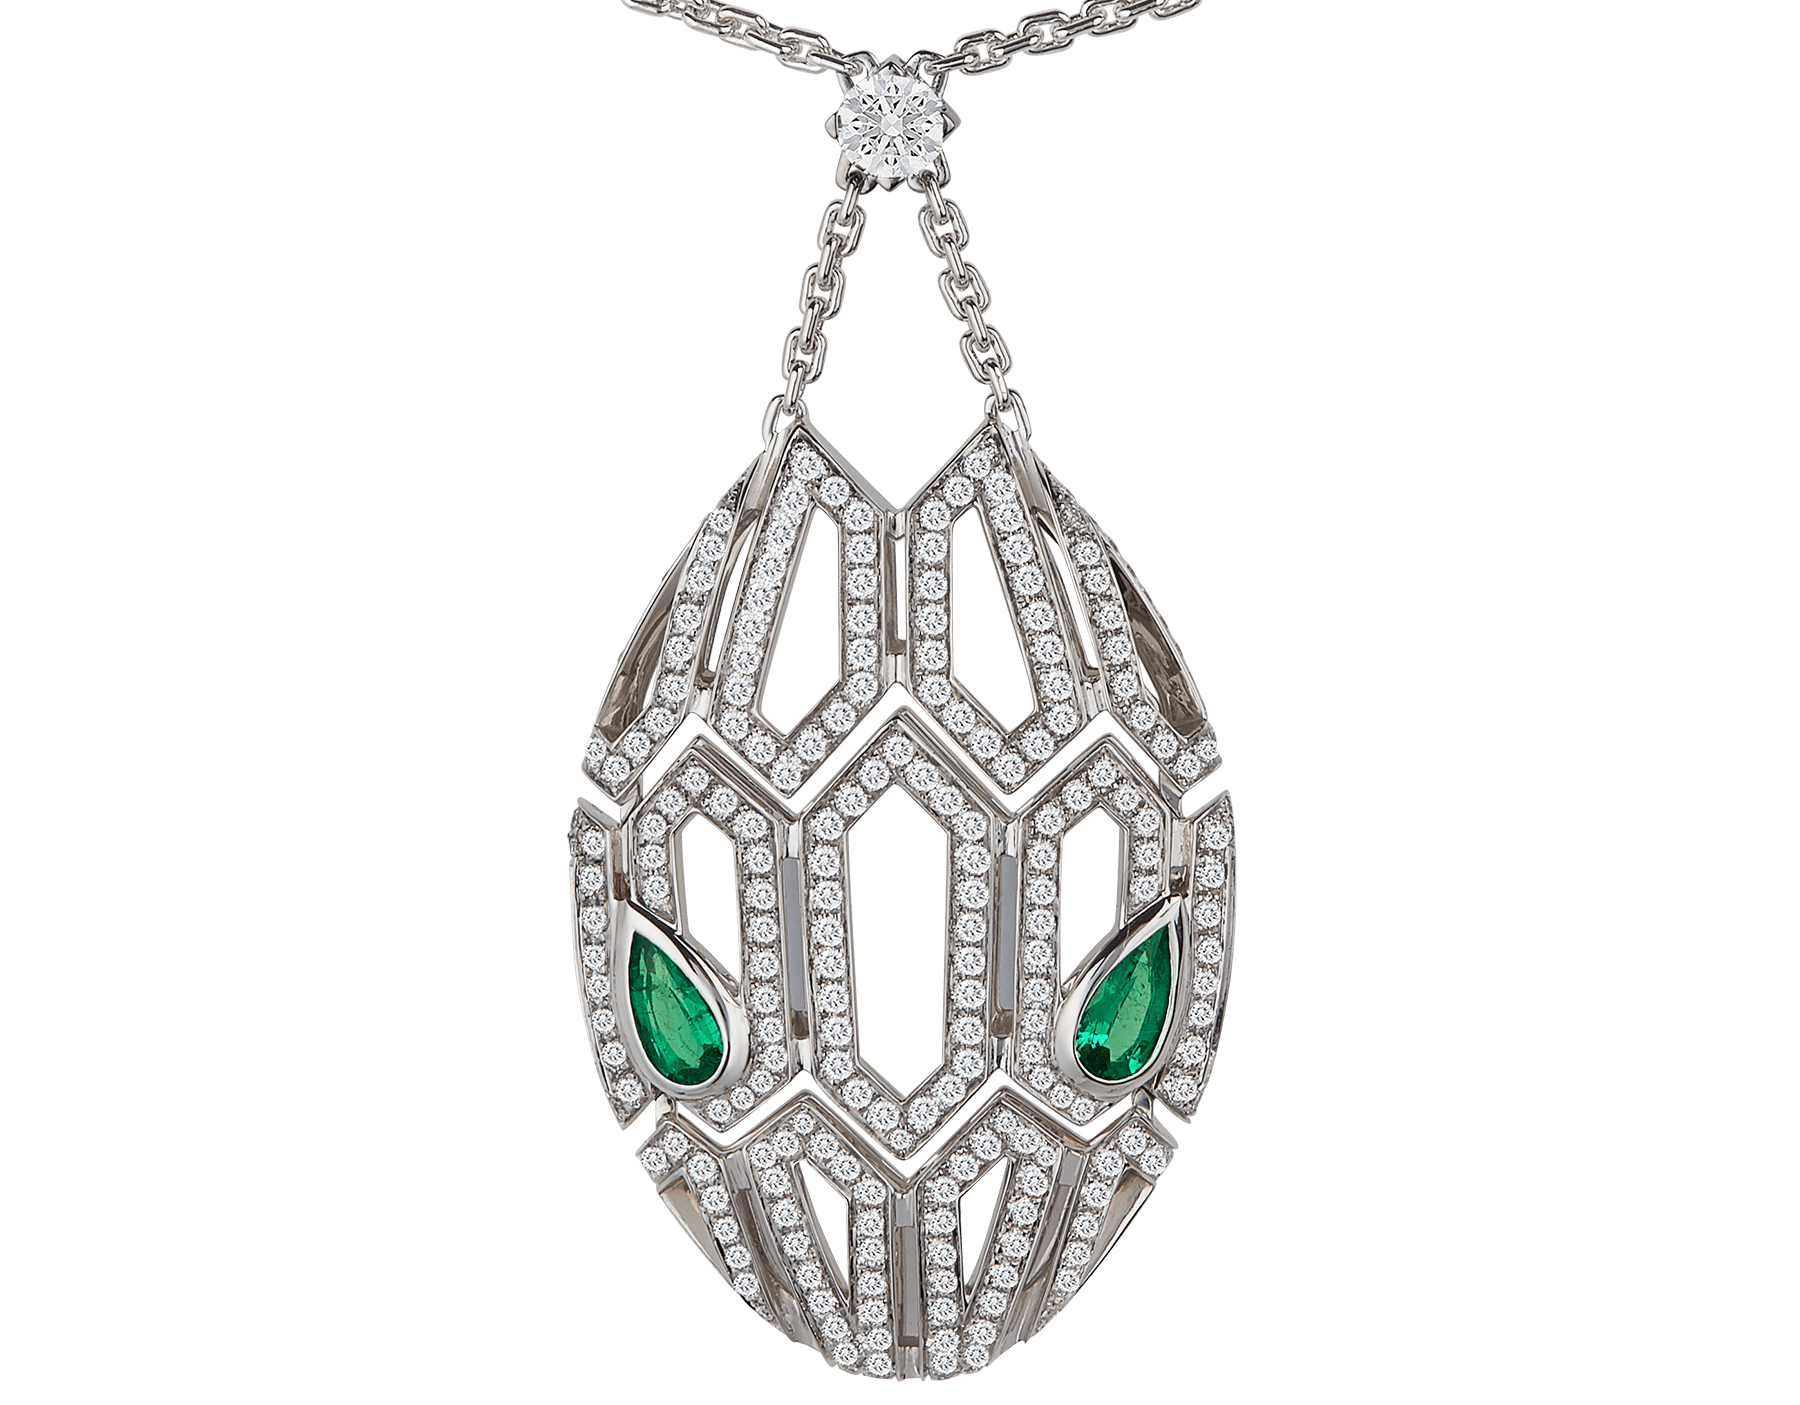 Sublimando as escamas de uma serpente com um encantador motivo hexagonal desenhado com diamantes cravejados, o colar Serpenti brilha com desejo e com o magnetismo irresistível de seus olhos de esmeralda. 352752 image 3